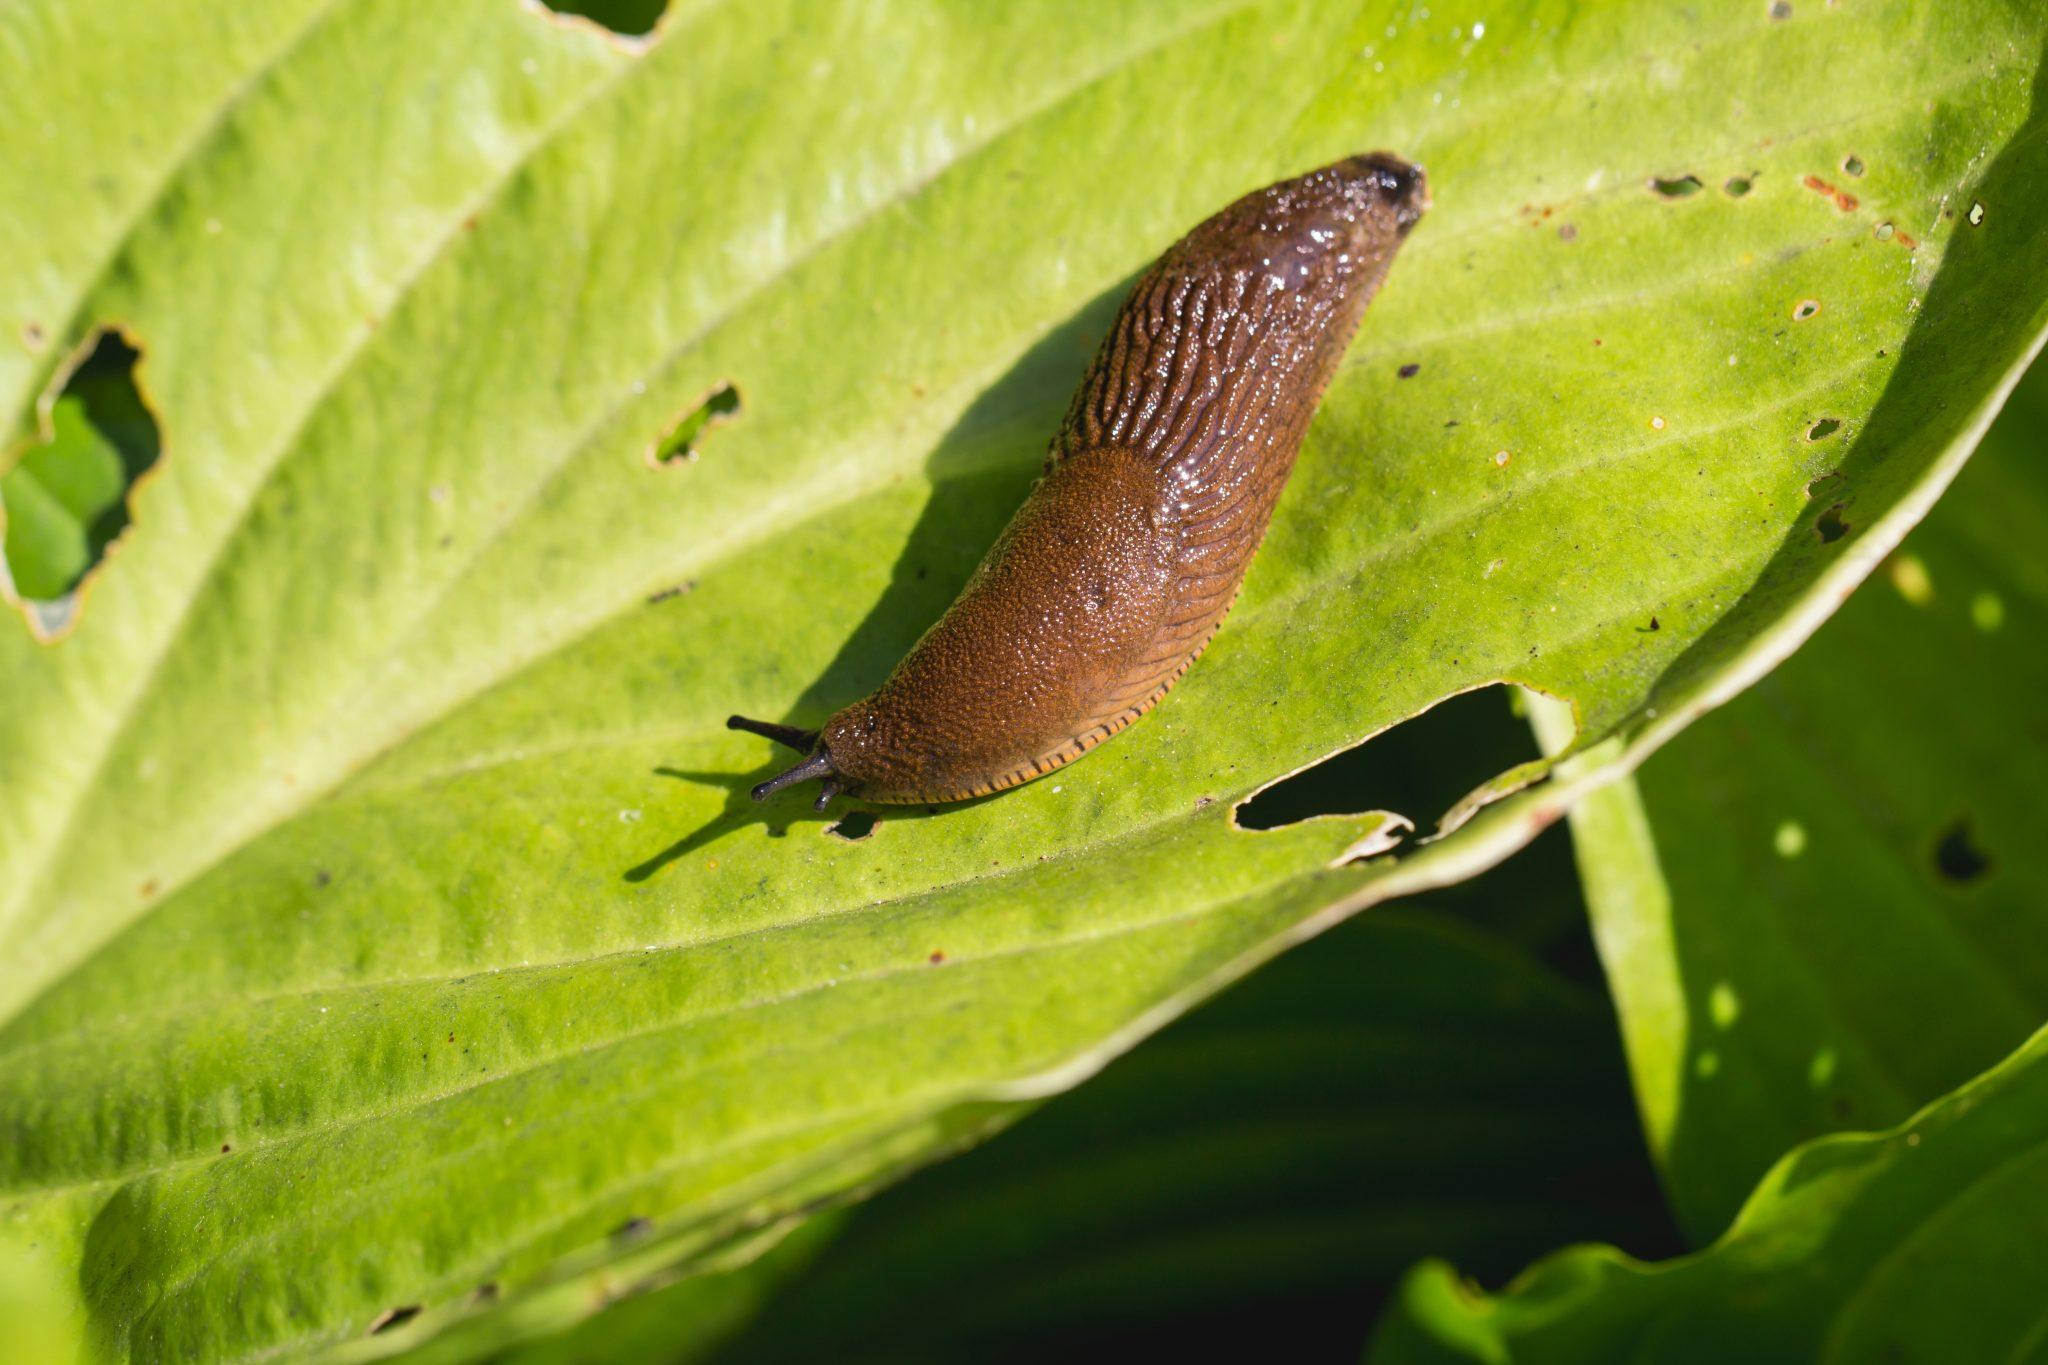 Slugs on vegetables